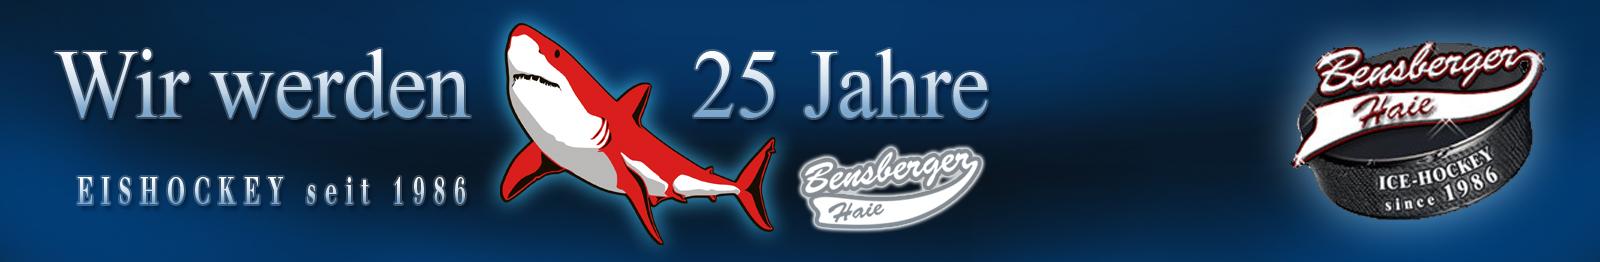 Die Bensberger Haie